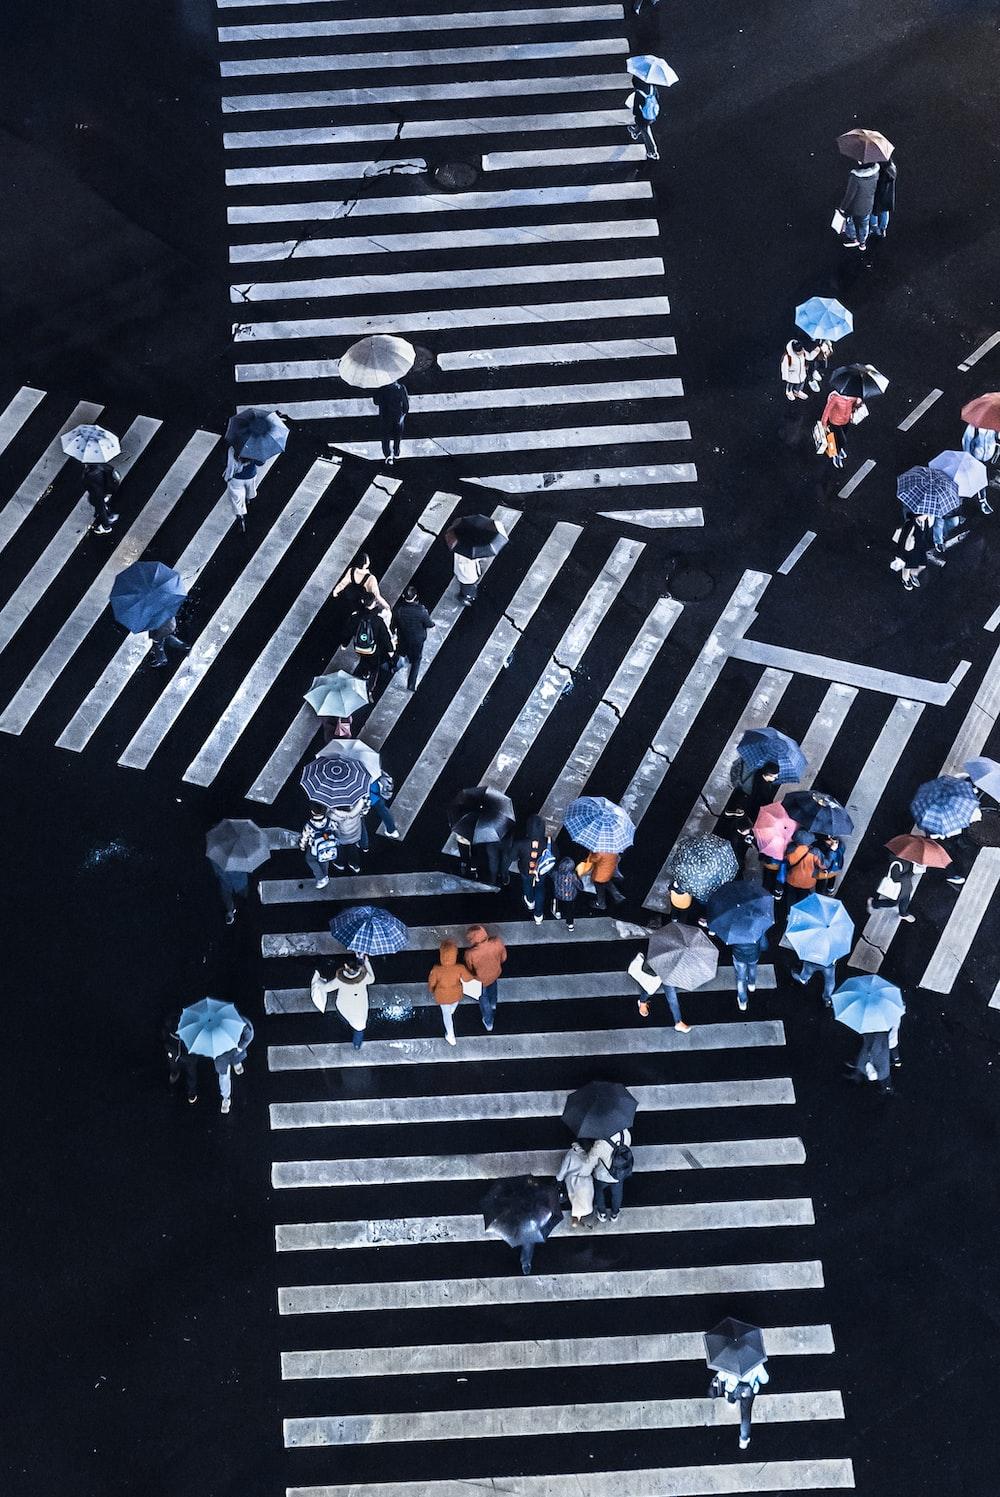 group of people crossing pedestrian lane